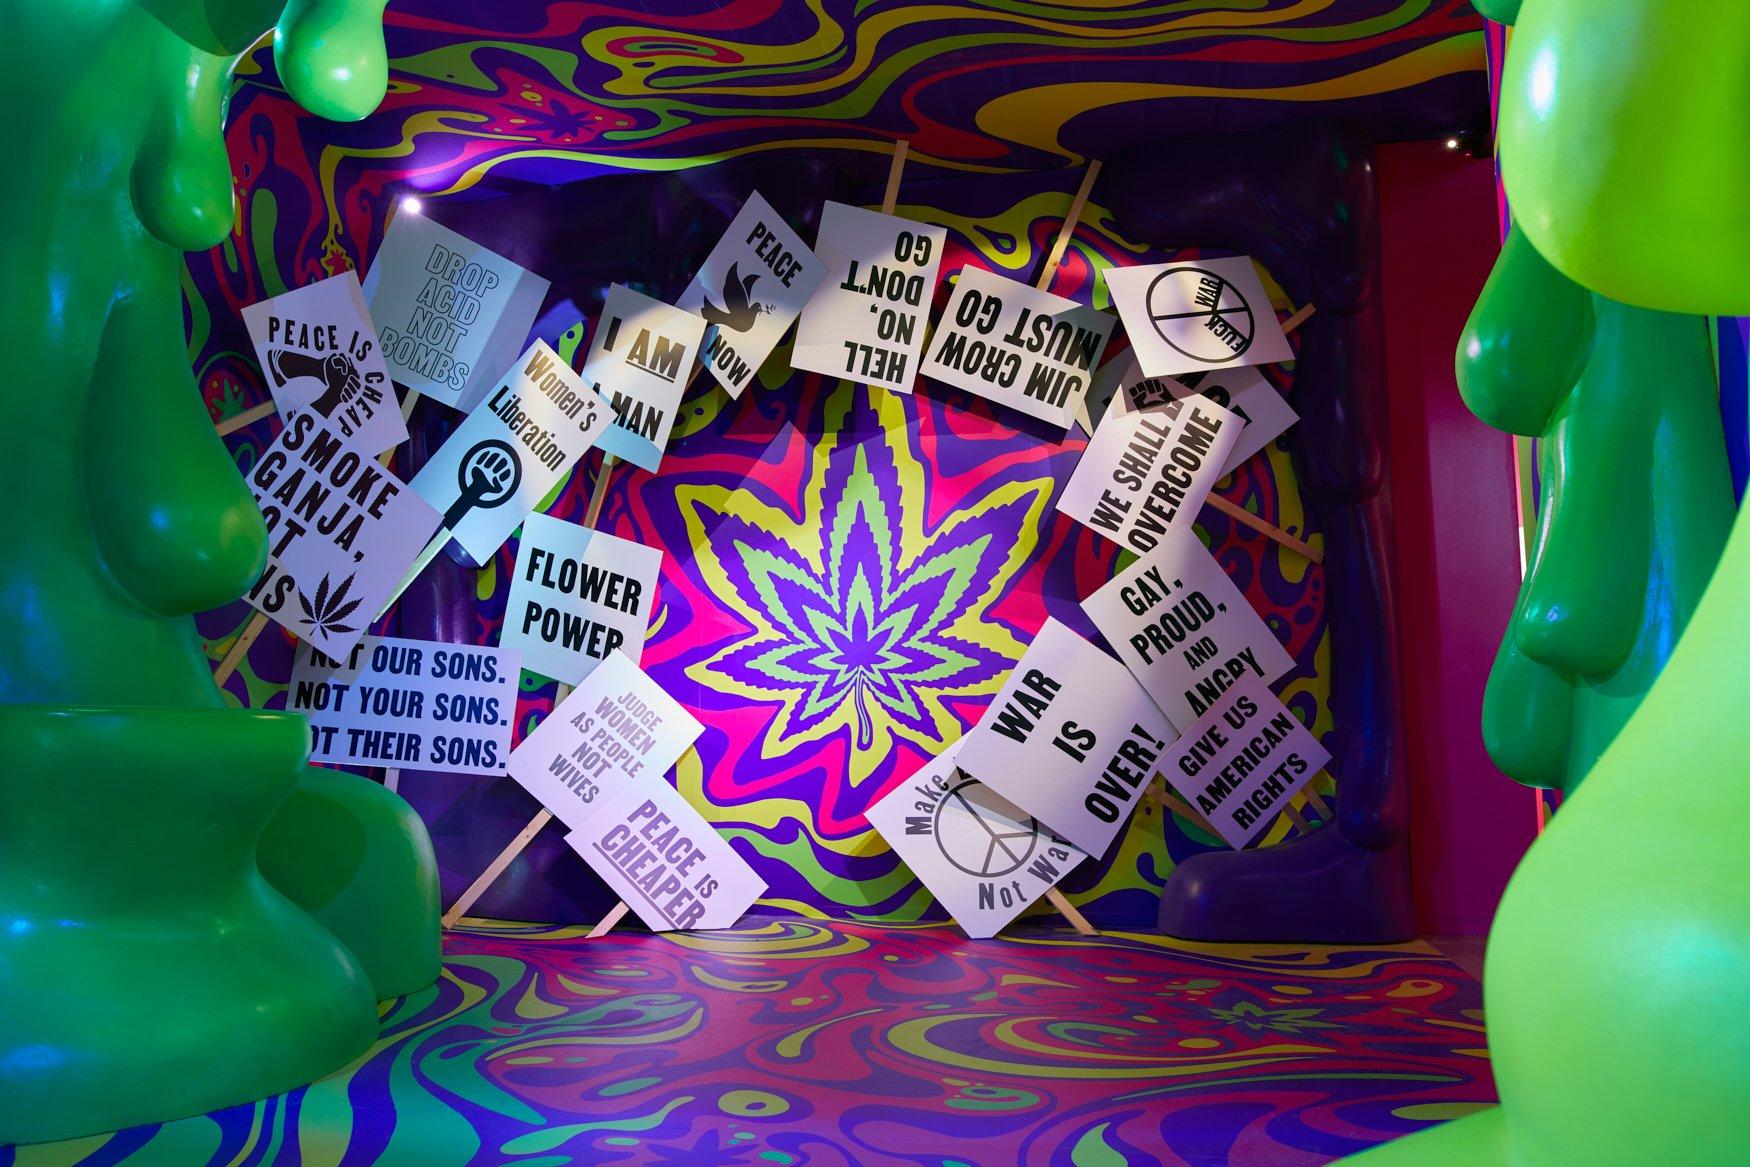 Weedmaps: Weedmaps Museum of Weed - Social Good